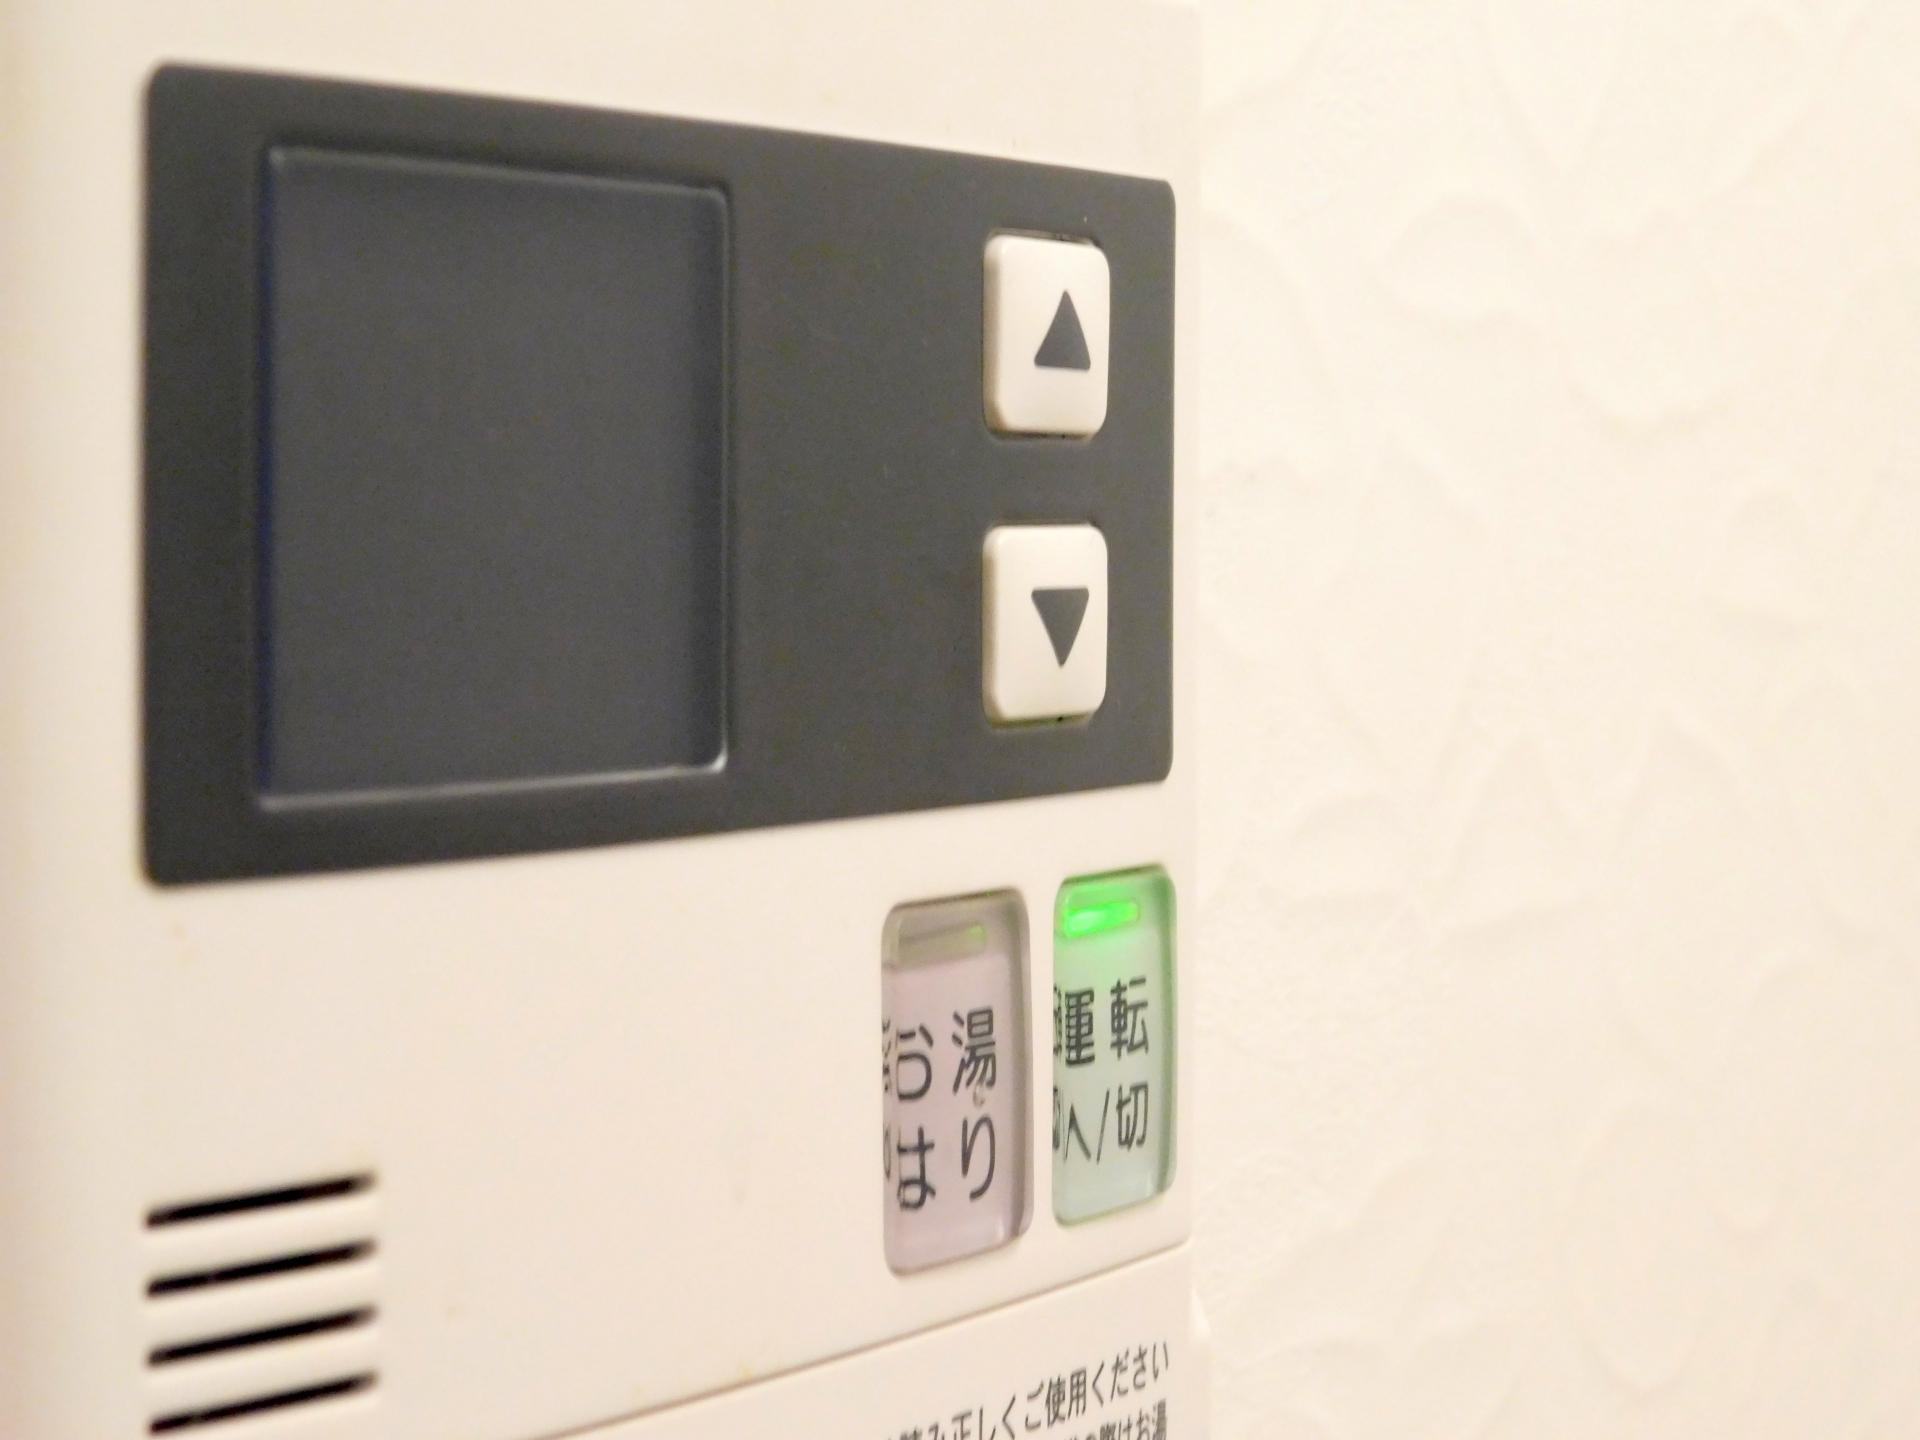 給湯器交換の詐欺事例|トラブル回避するための事例紹介と対処法